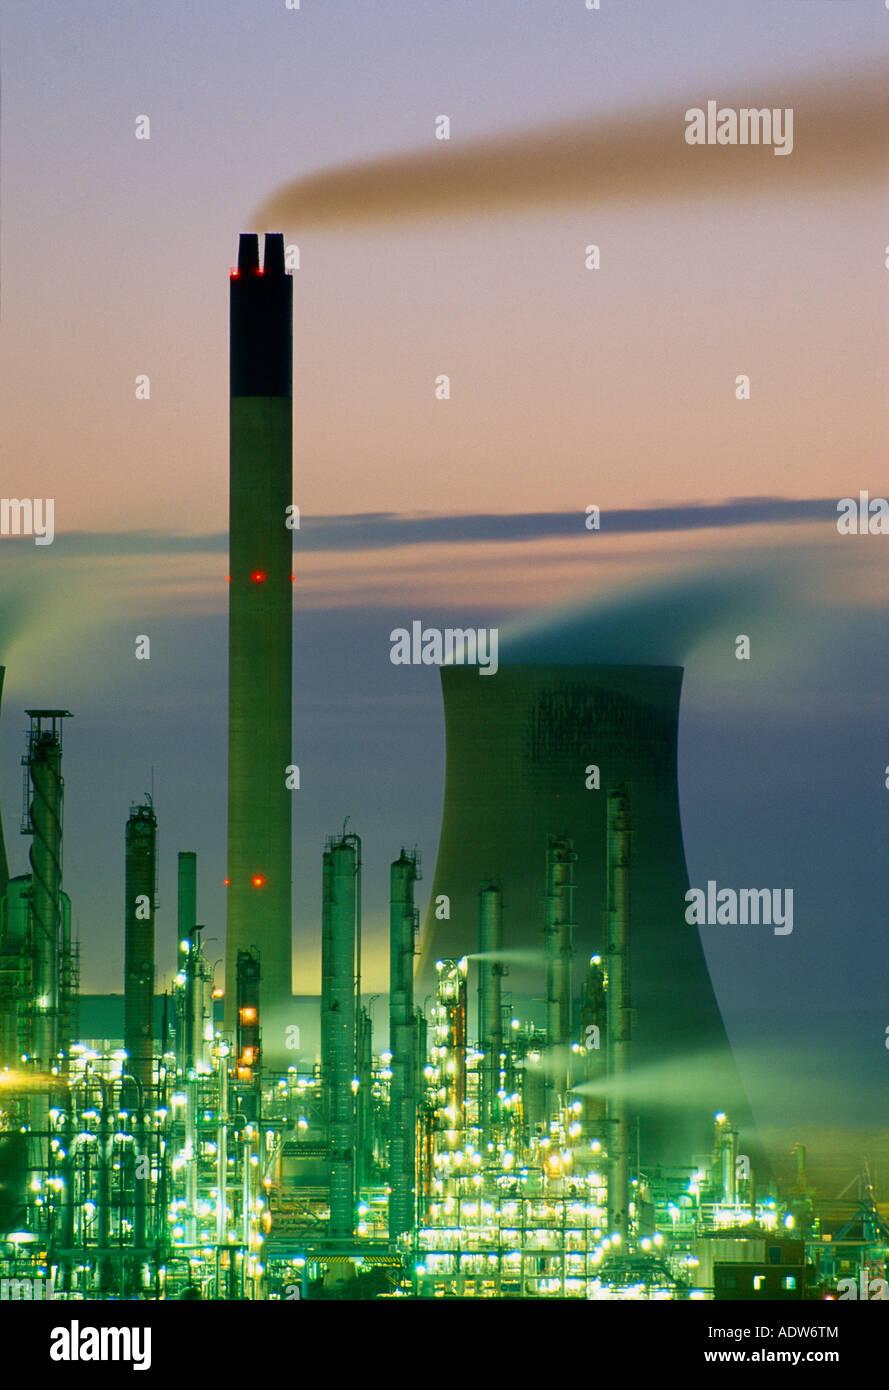 Inquinamento del riscaldamento globale eruttazioni camini in corrispondenza di un impianto chimico Port Talbot Wales Immagini Stock